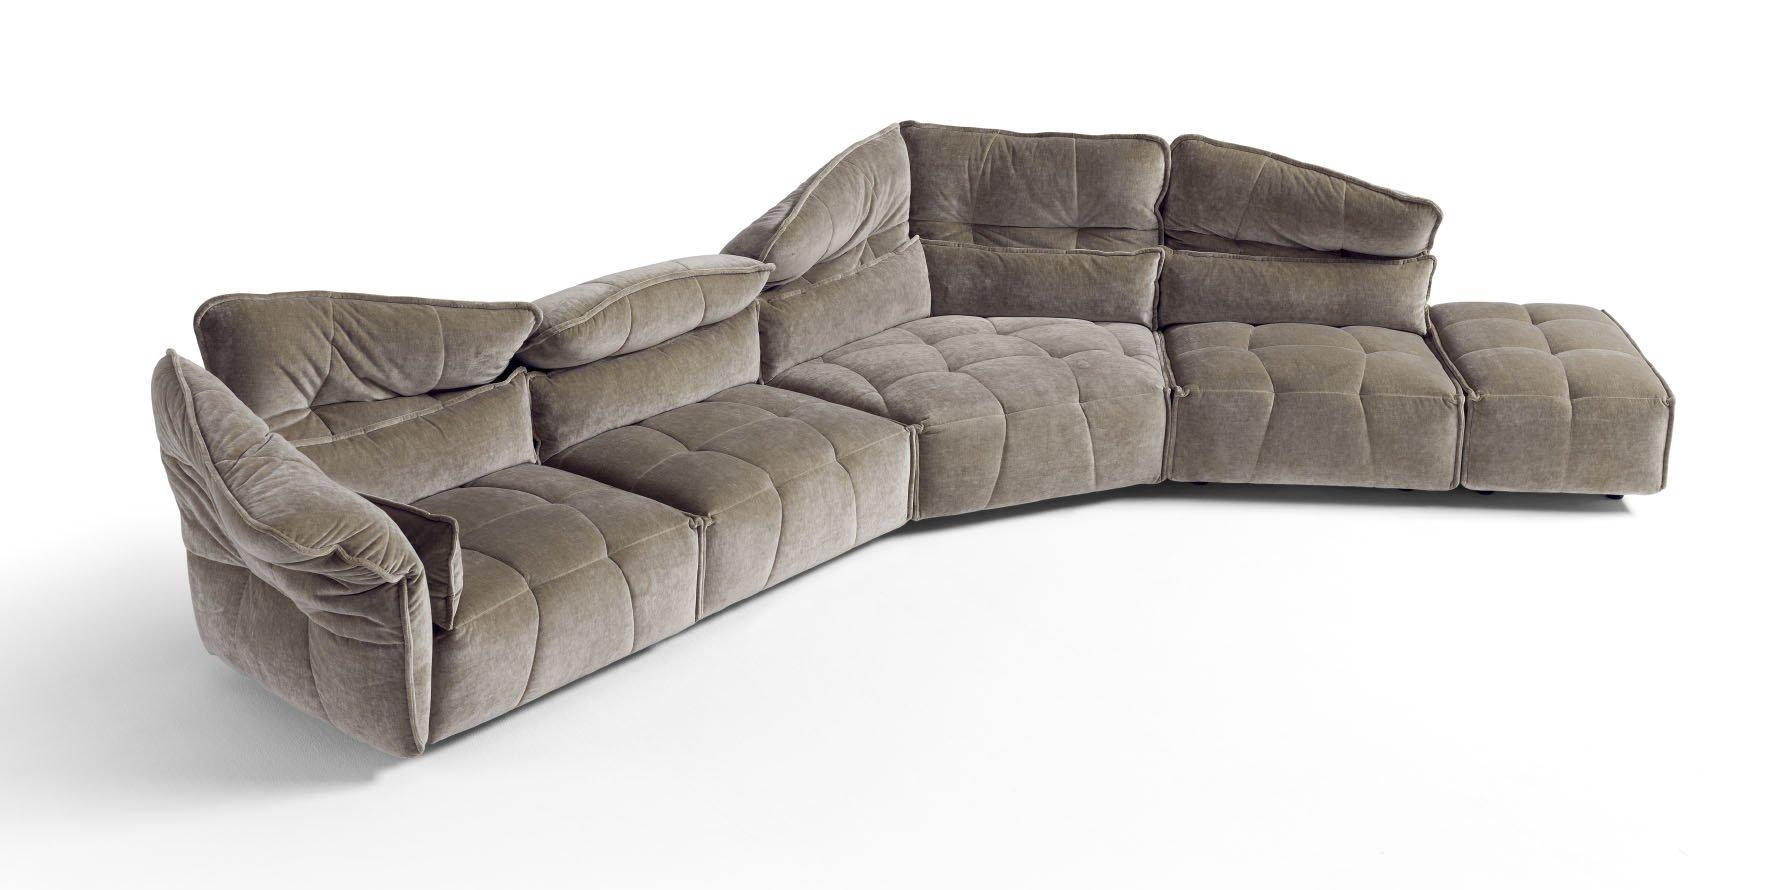 Max divani ever arredamento a catania per la casa e - Ferri mobili recensioni ...